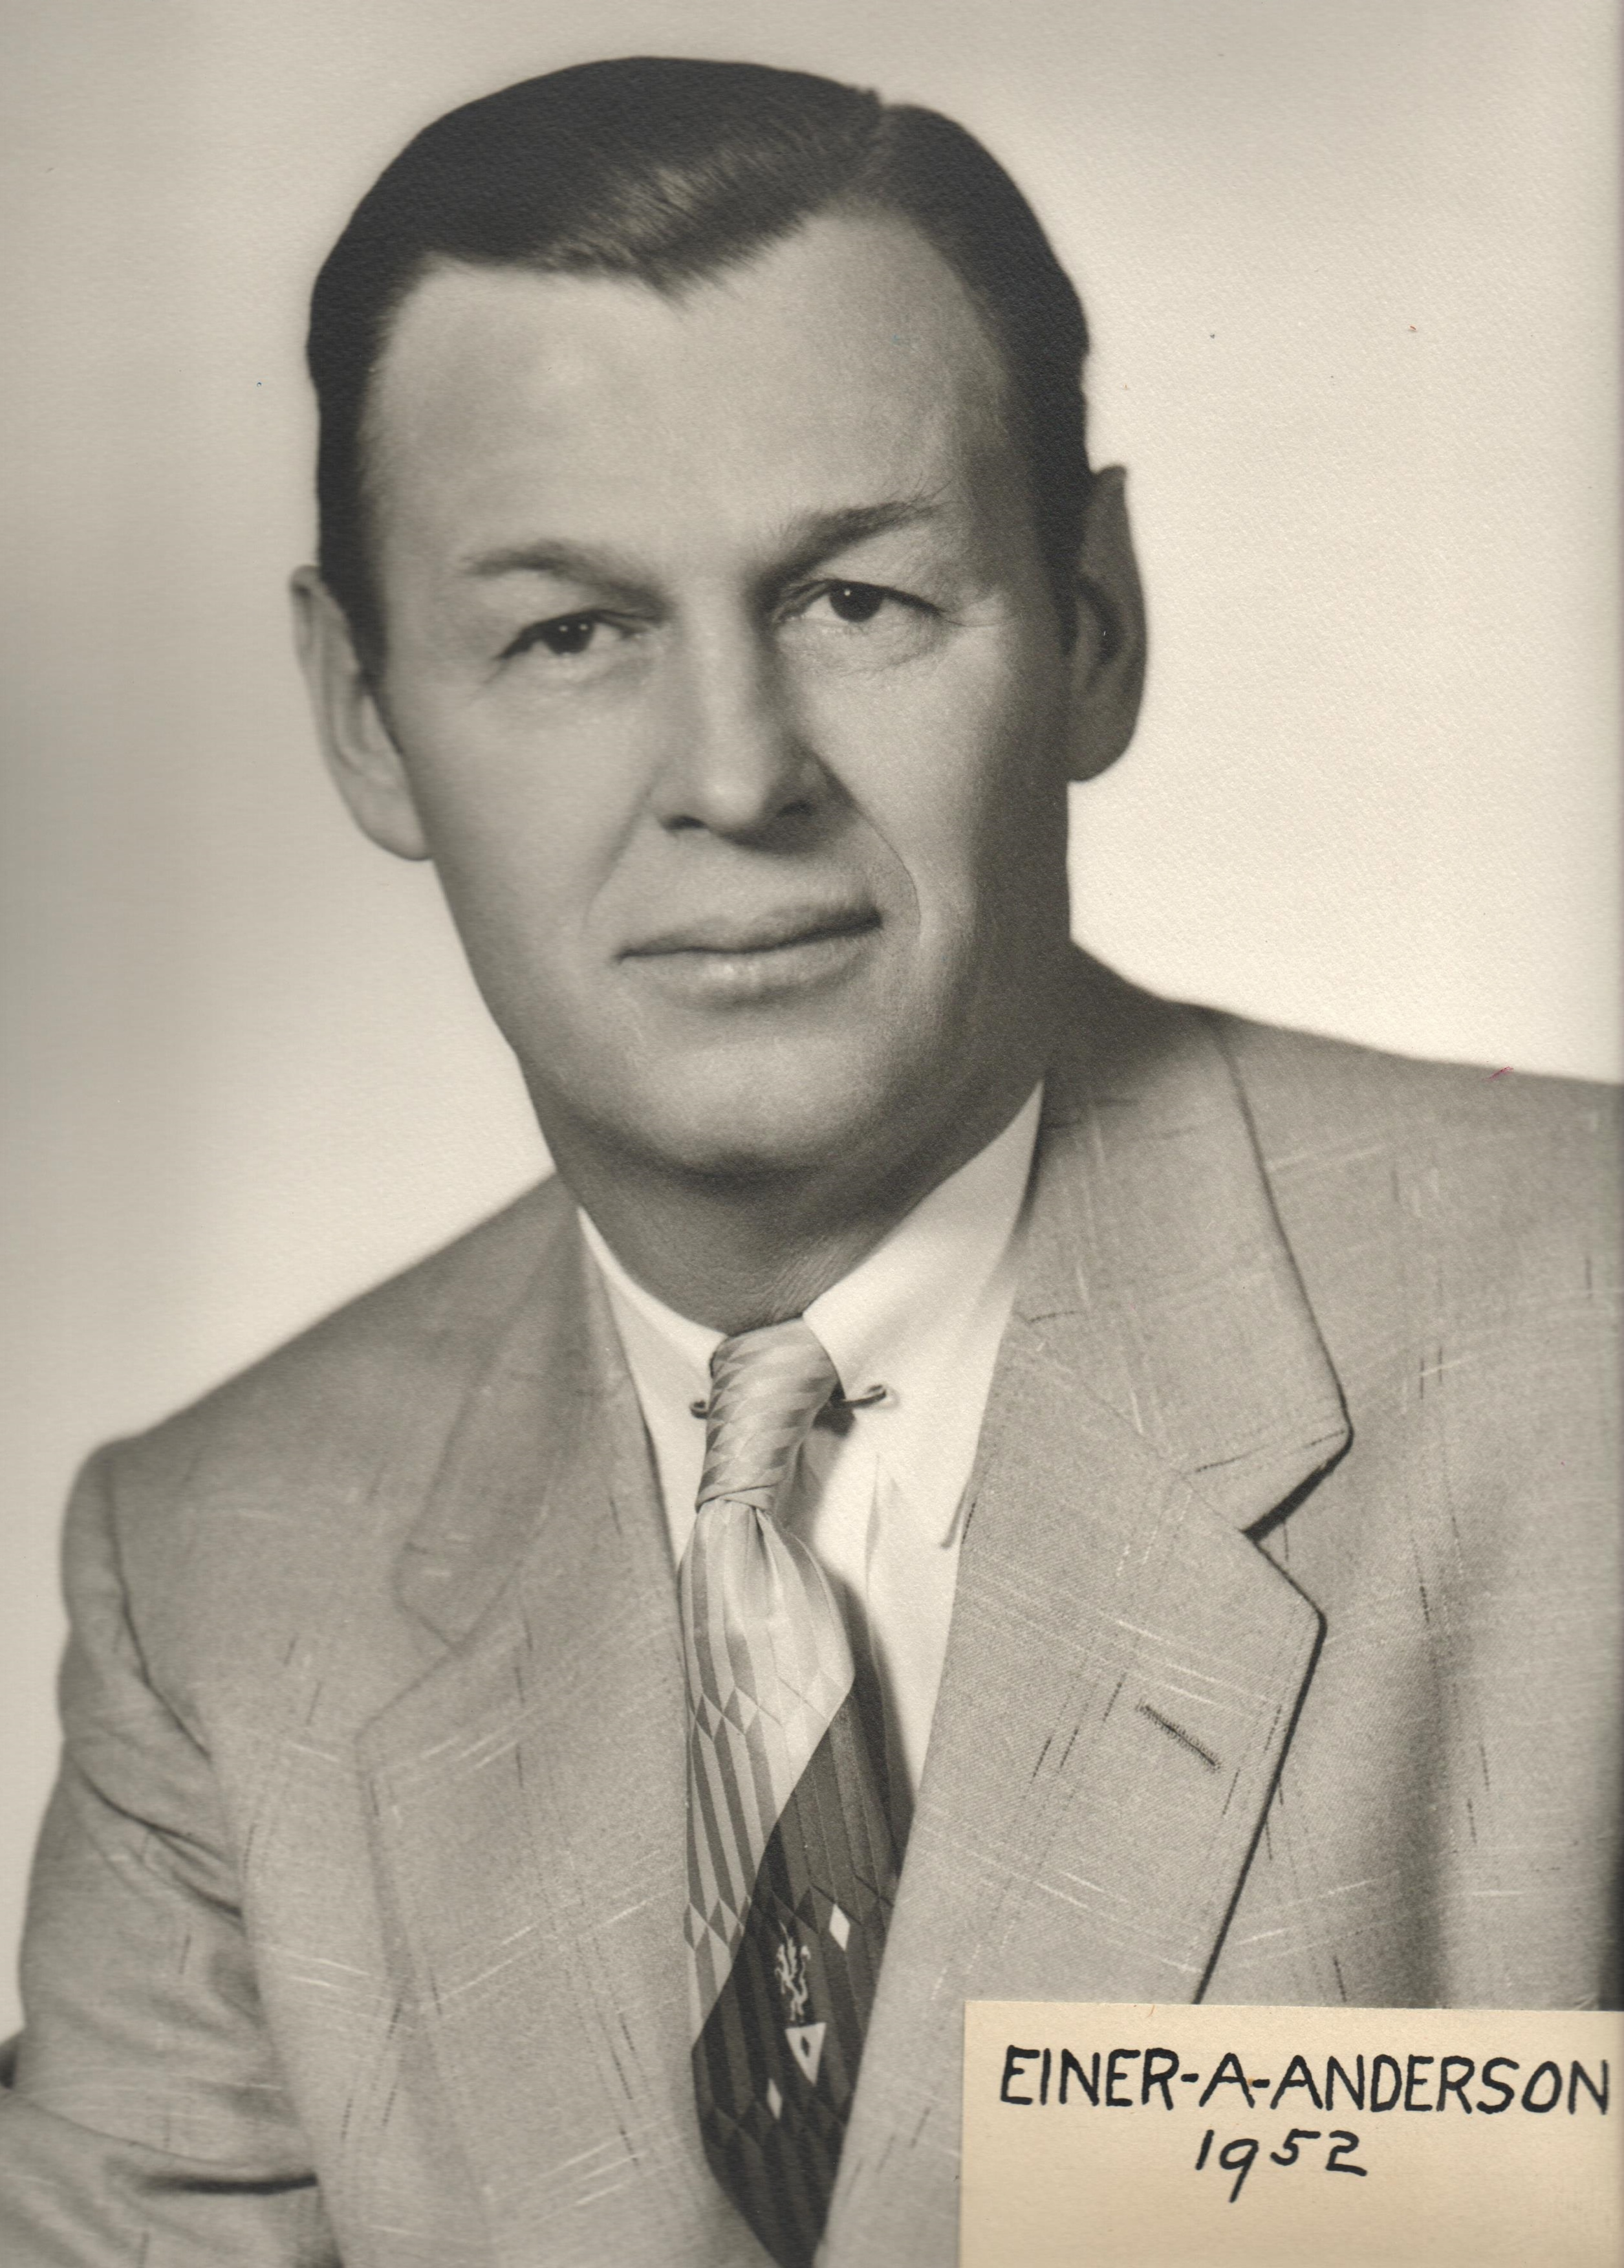 1952 Einer A. Anderson